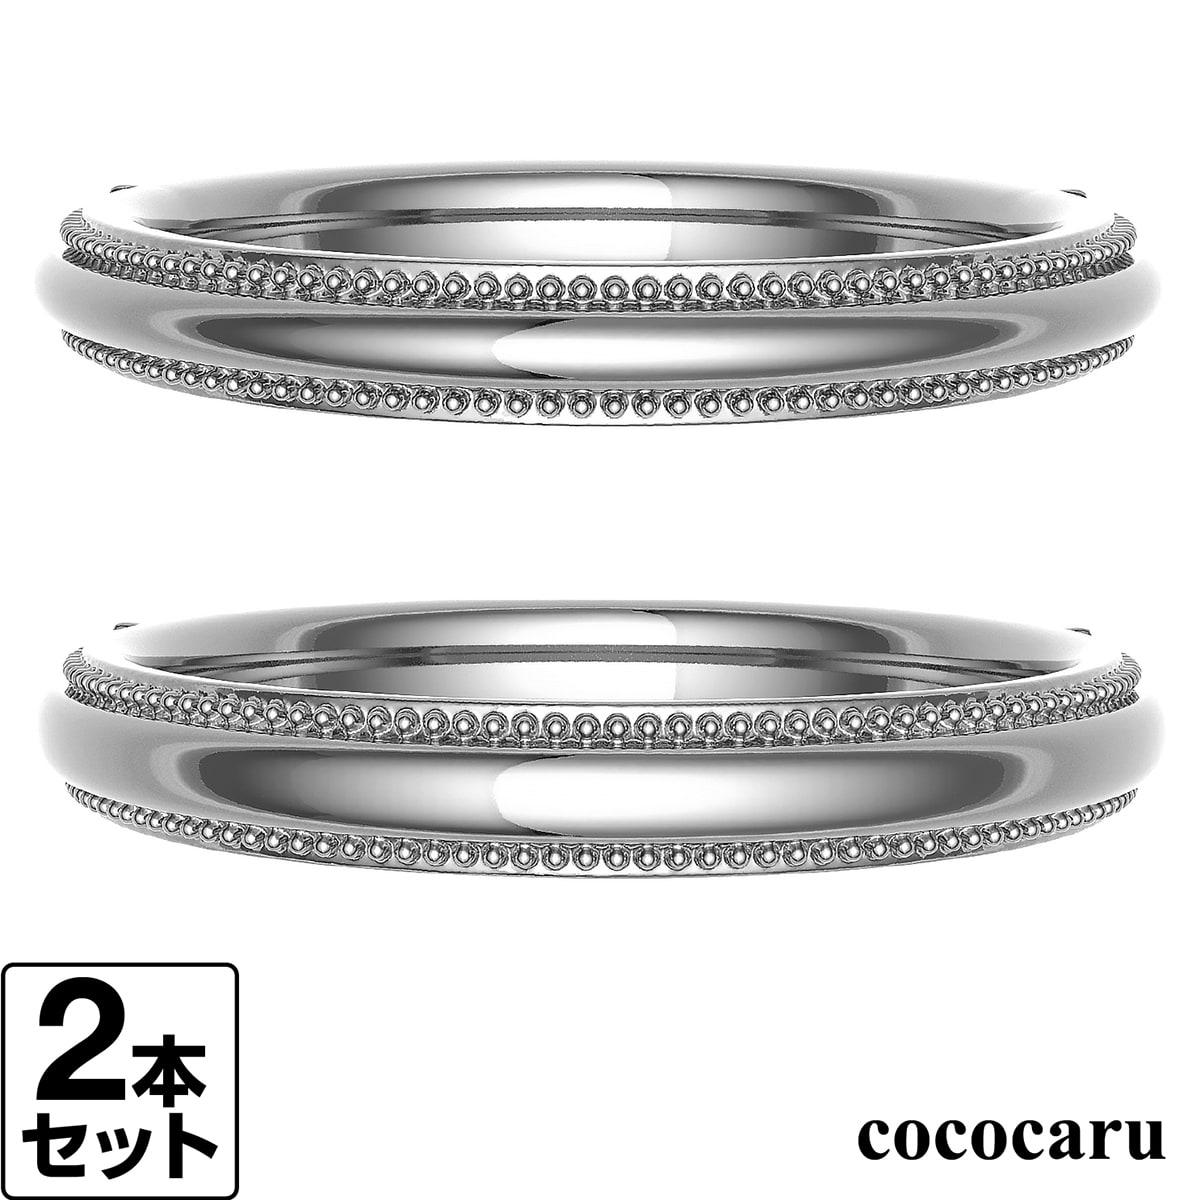 【送料無料】ペアリング 結婚指輪 K18ゴールド 2本セット マリッジリング 日本製 【ゴールド】【結婚指輪】【ペアリング】【マリッジリング】